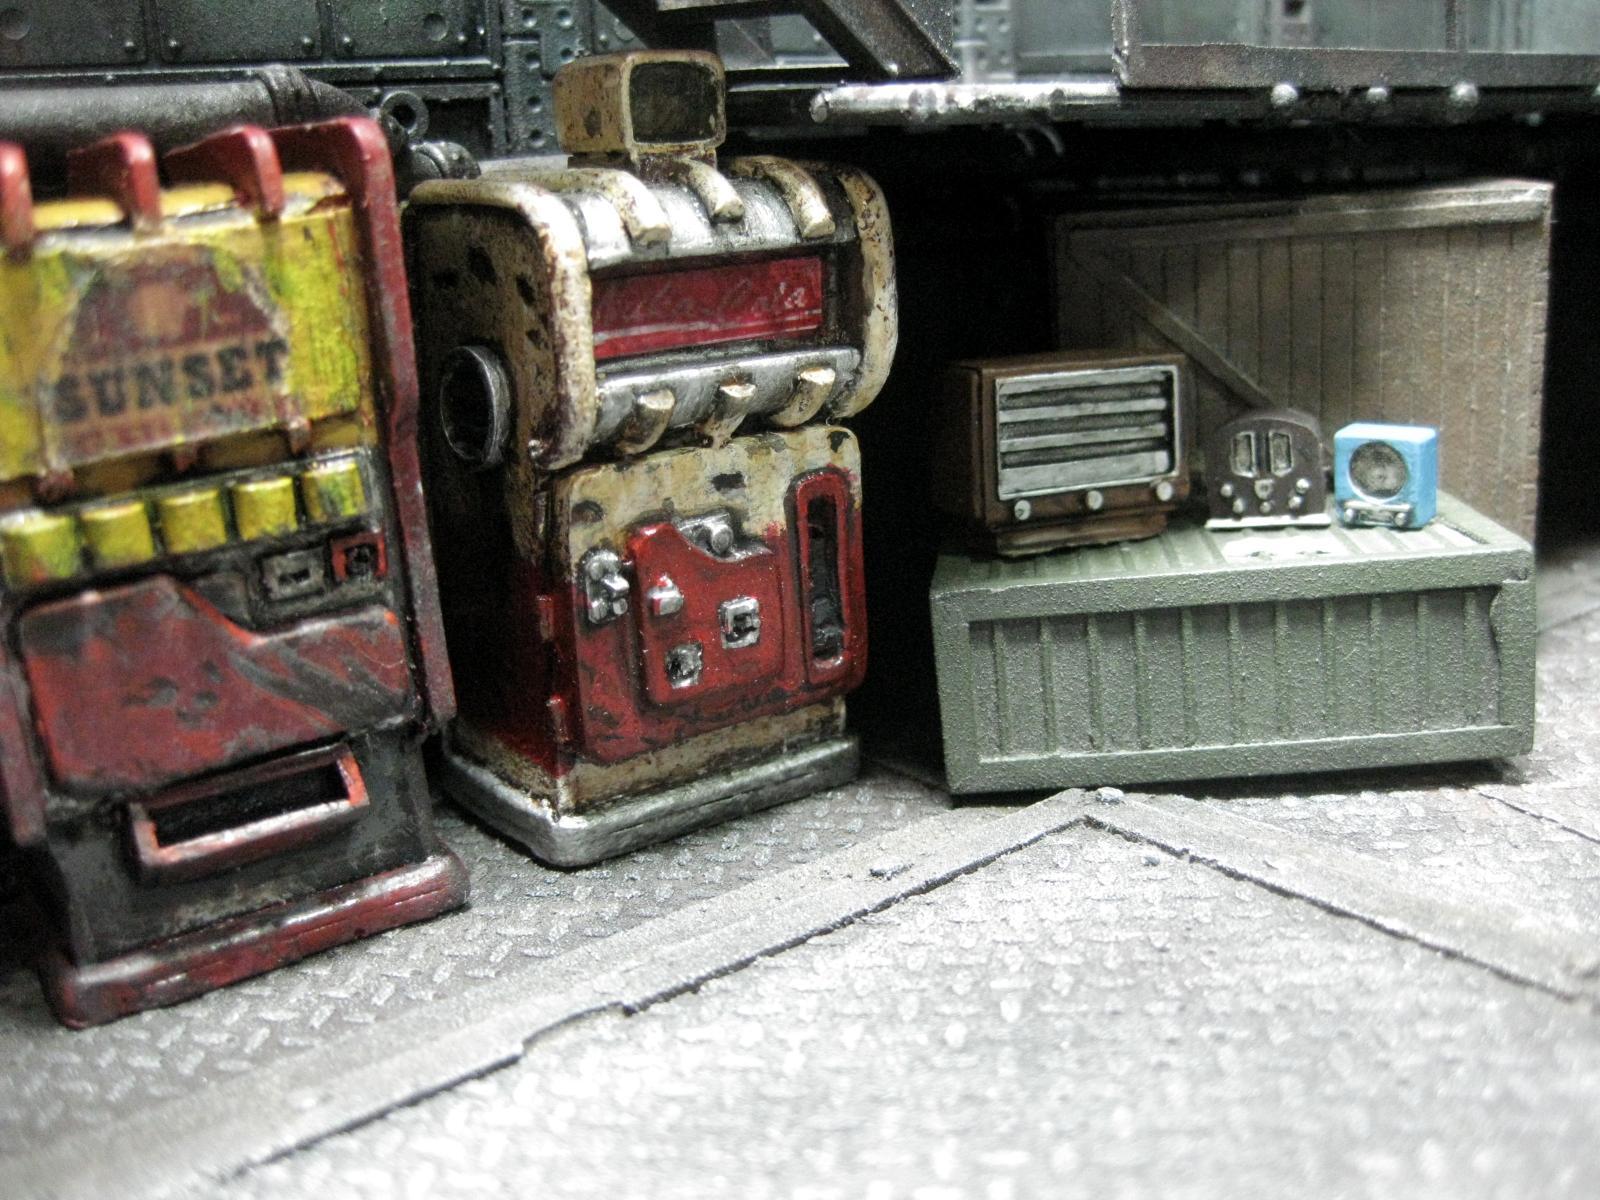 1%252f35, 1/35, Old, Radio